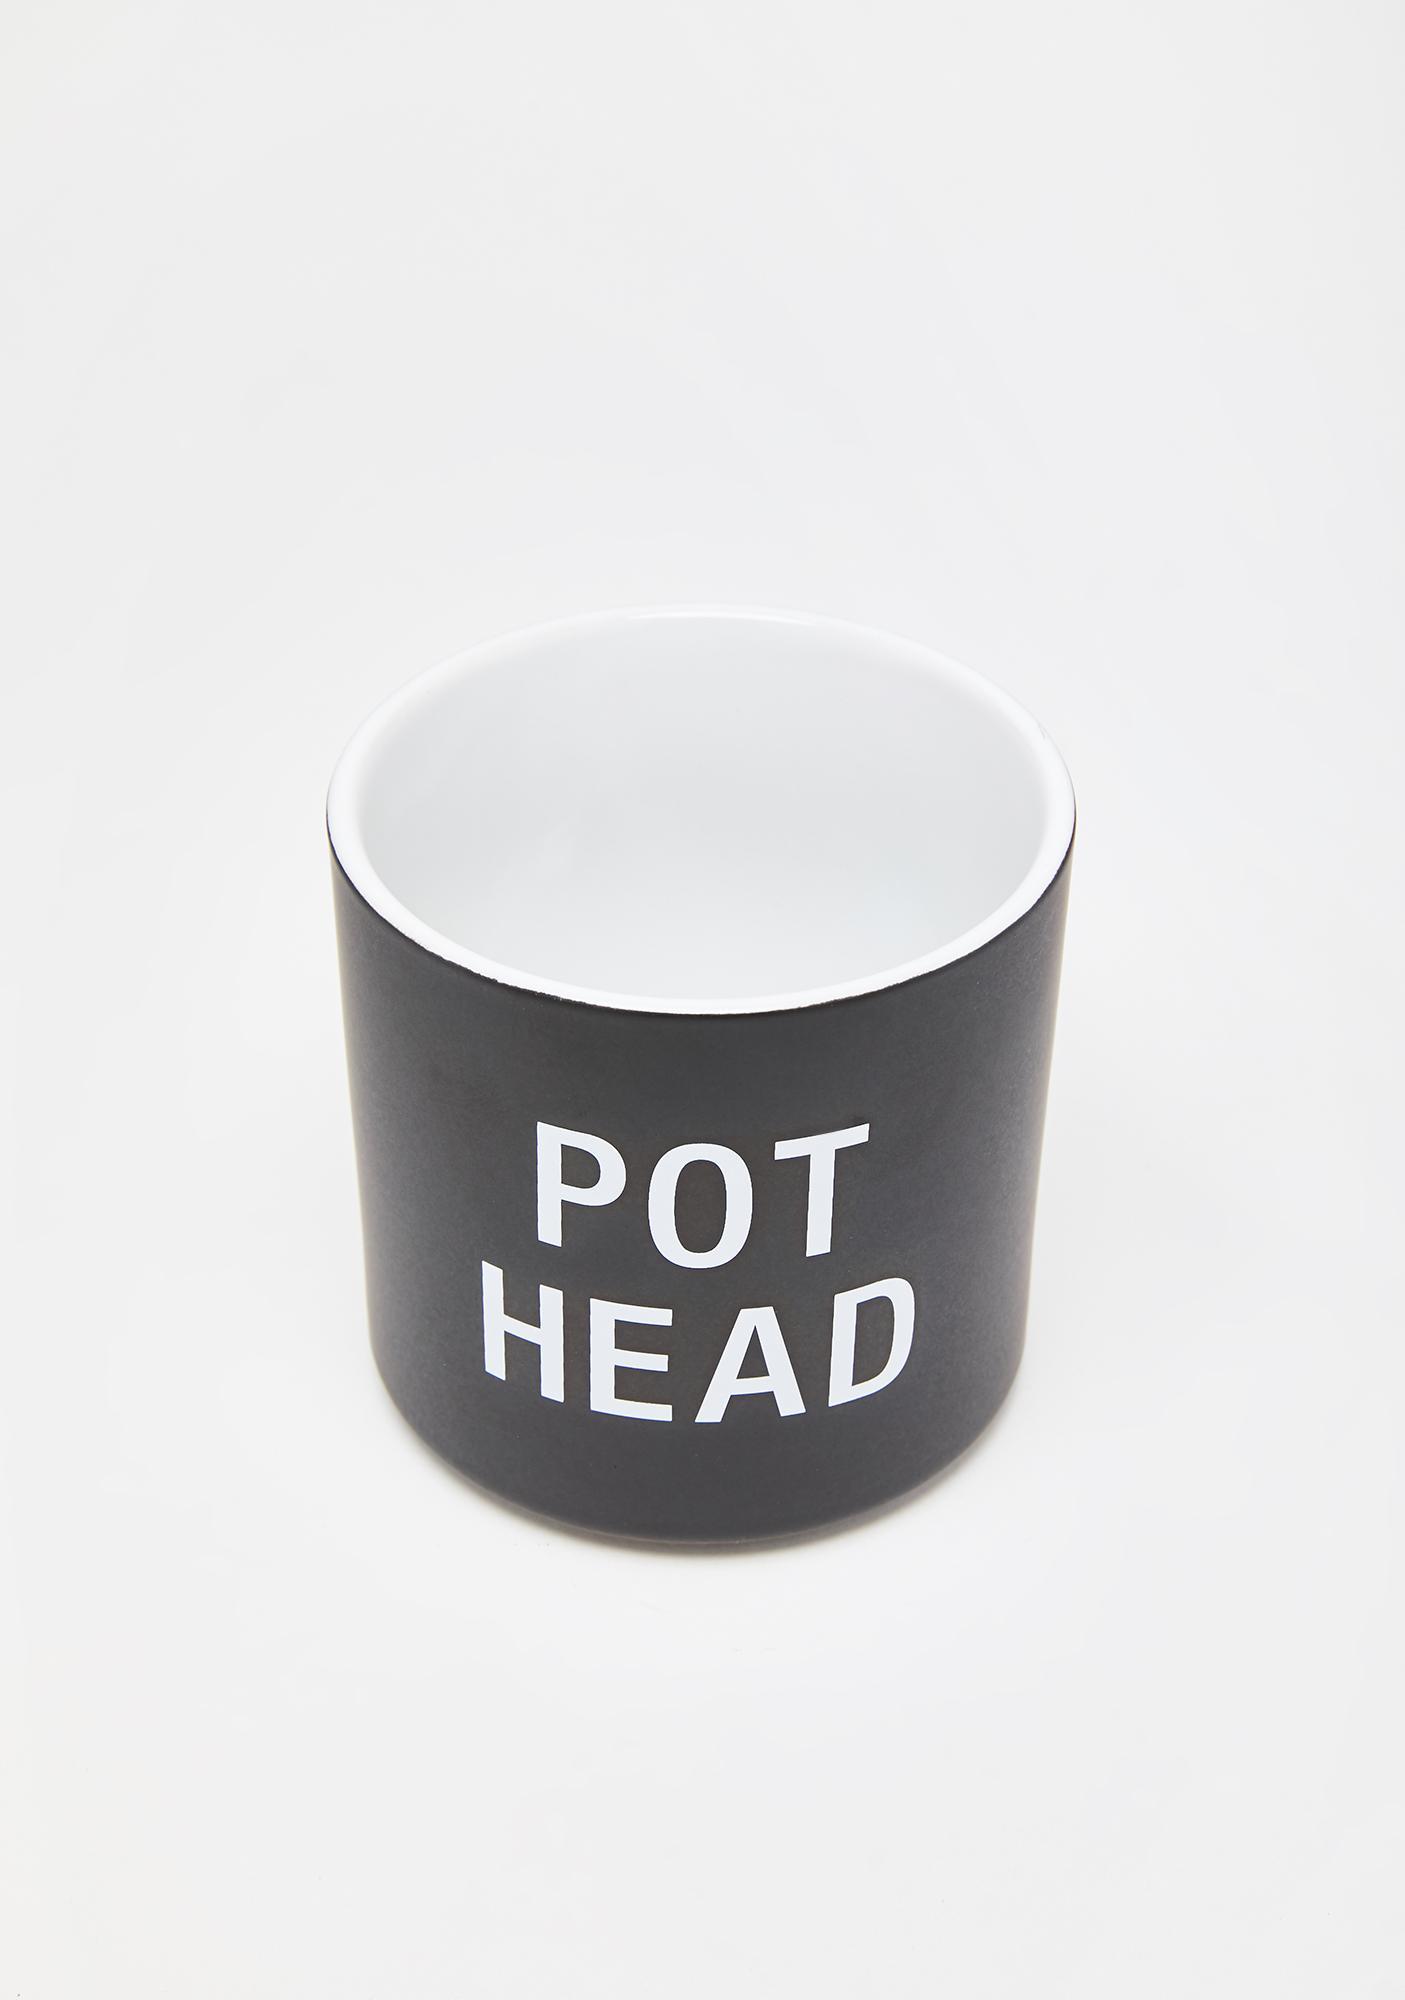 Pot Head Planter